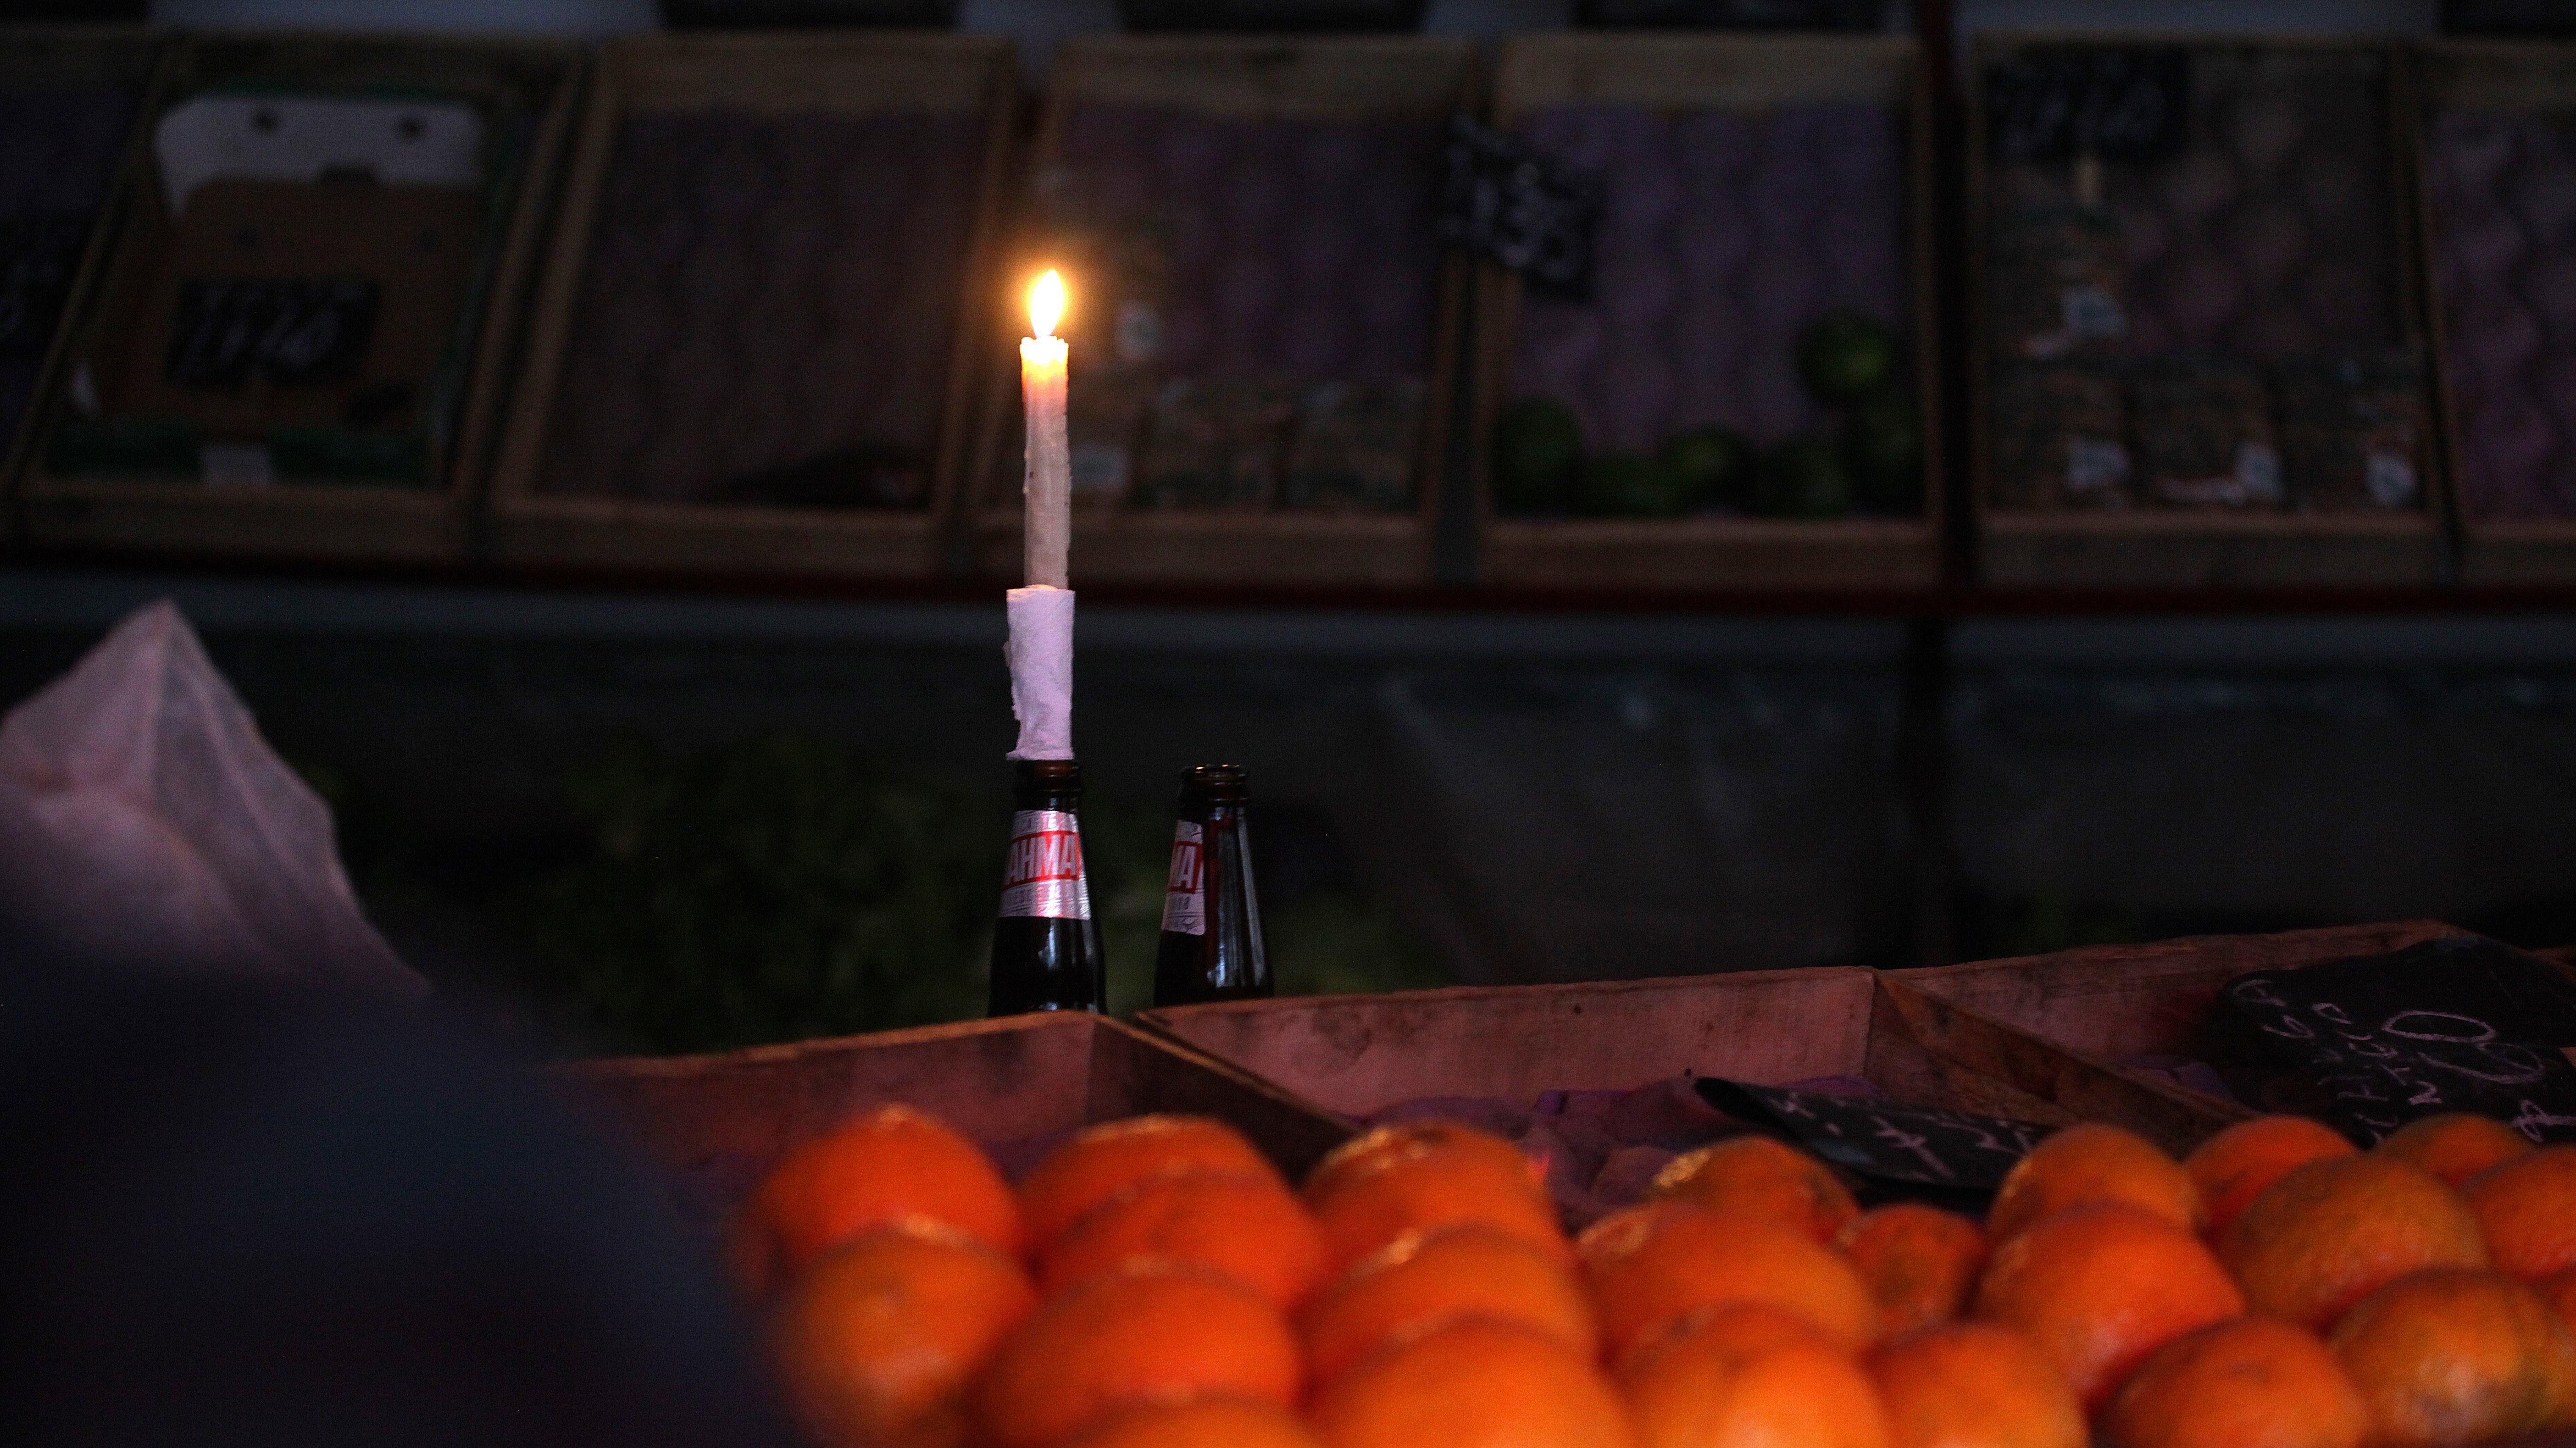 Stromausfall in Südamerika: Ein Obsthändler muss seine Waren mit einer Kerze beleuchten.